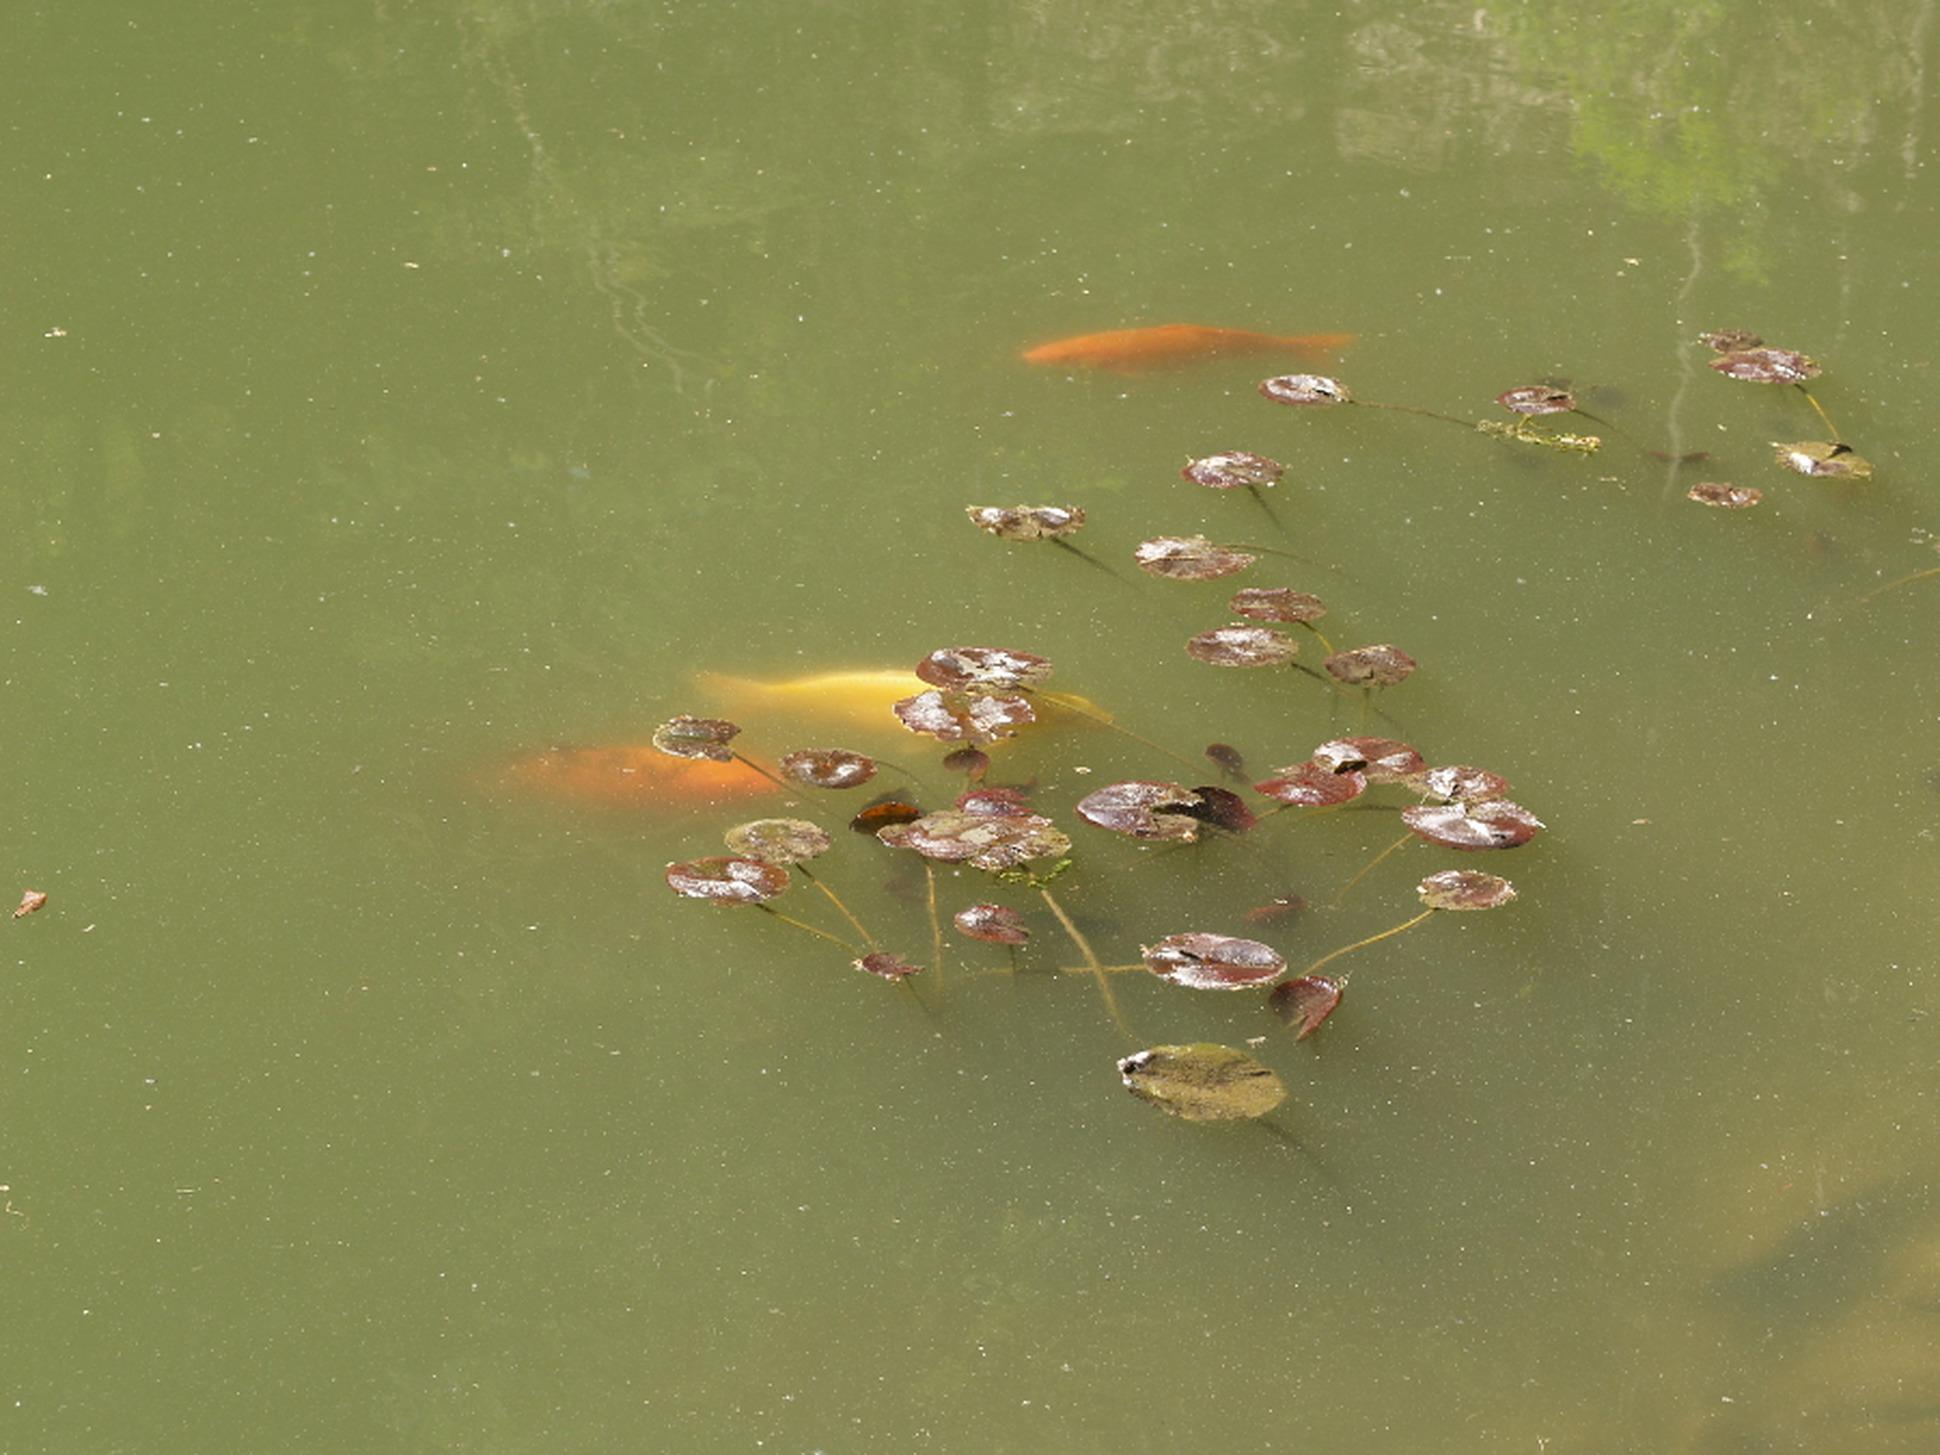 Schwebealgen im gartenteich mit jbl aquacristal uv c behandeln for Schwebealgen im teich